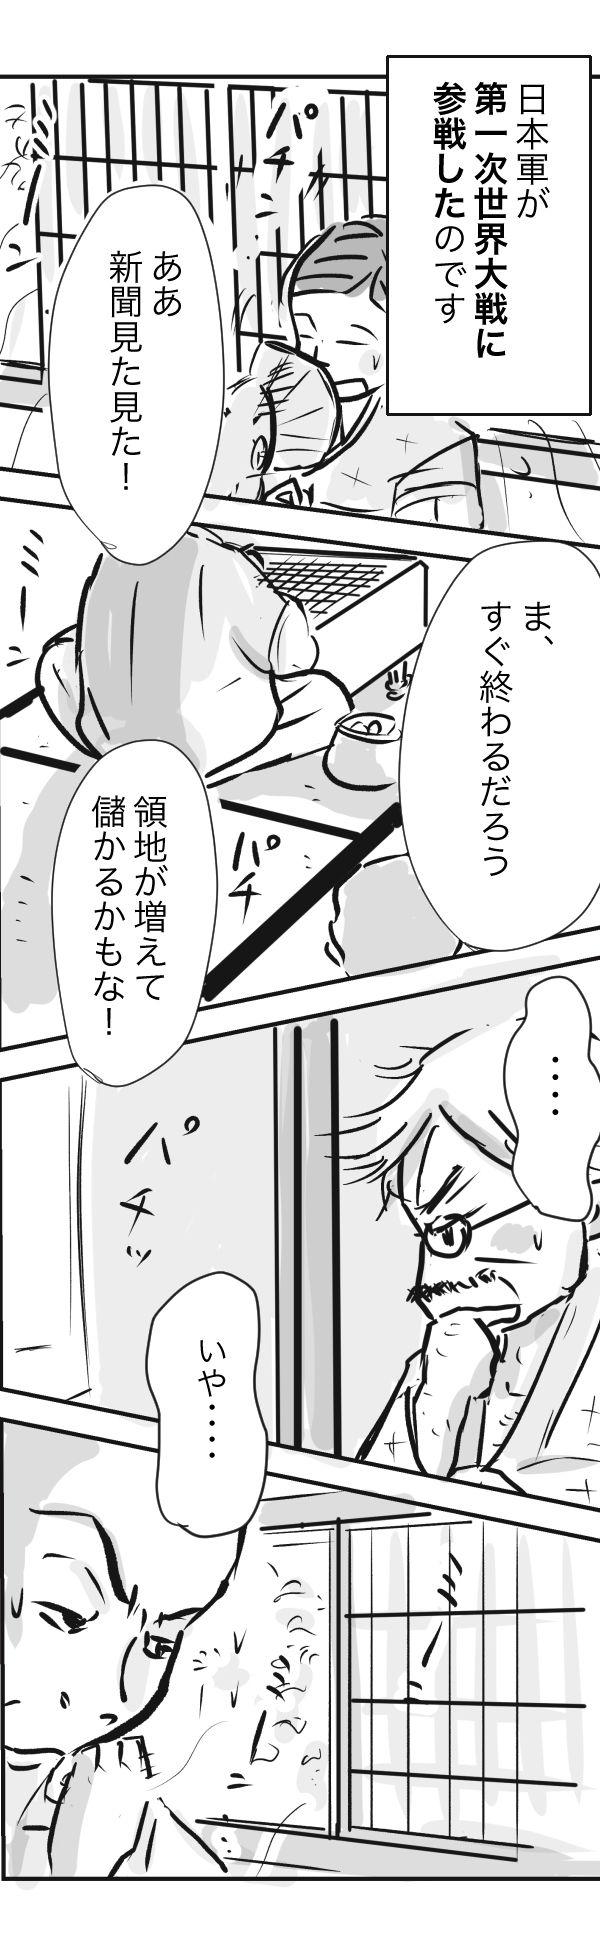 金沢 7−4−3